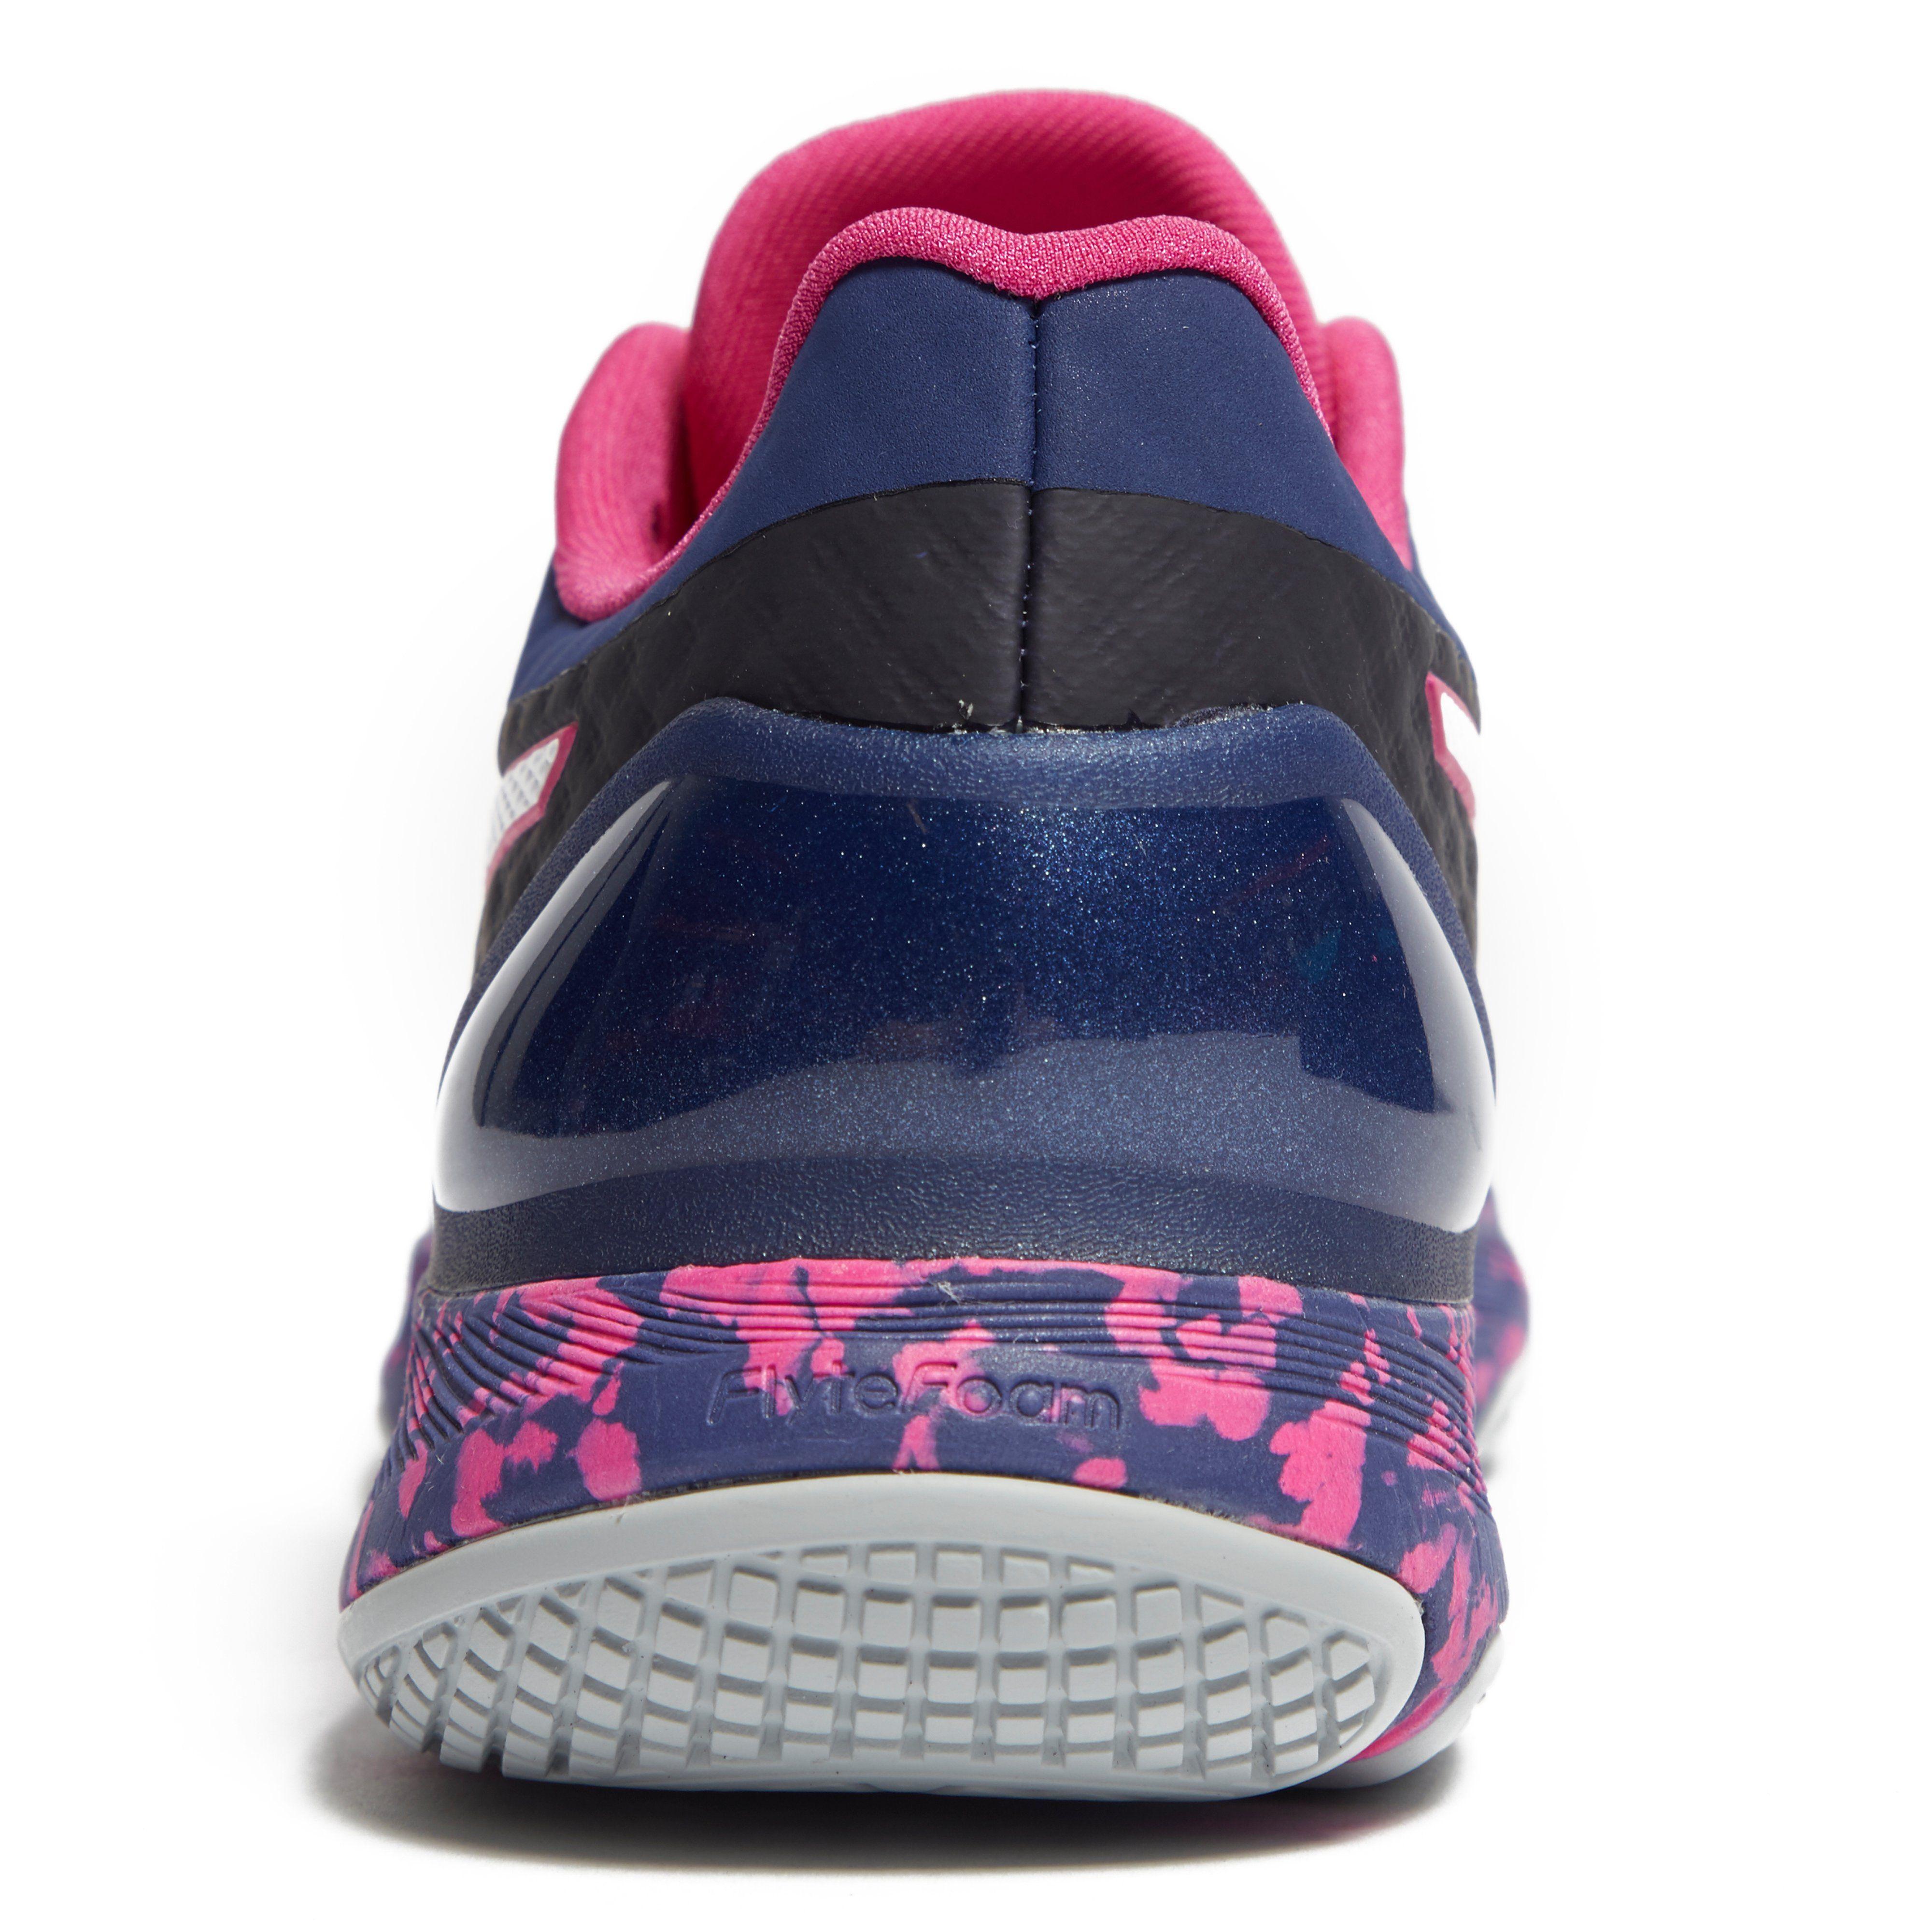 ASICS Netburner Super FF Women's Netball Shoes